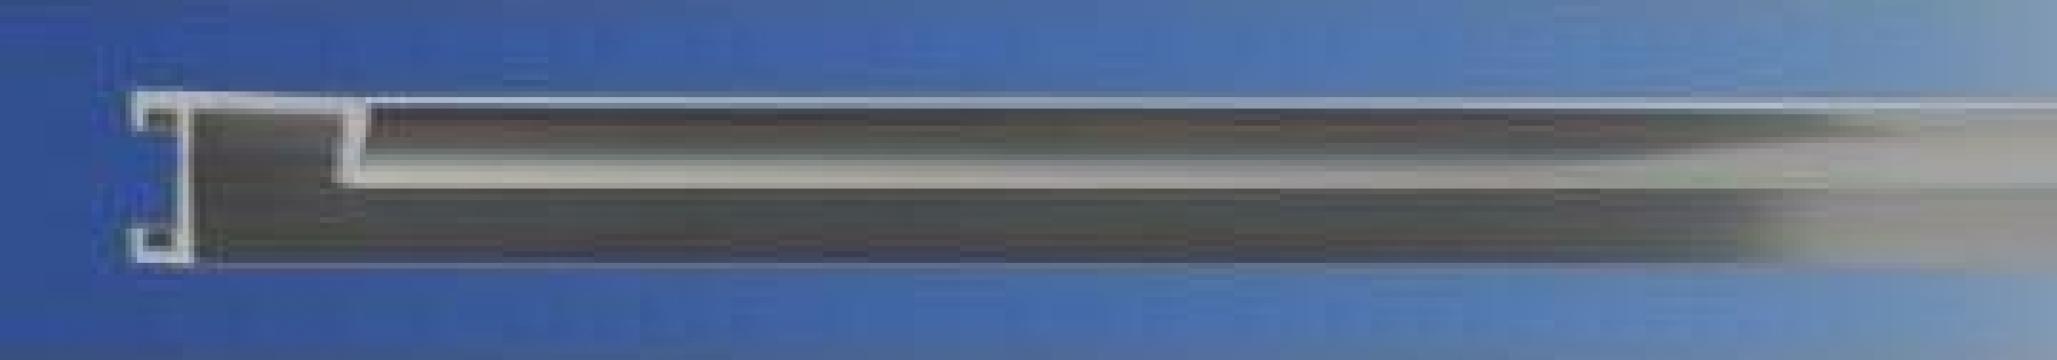 Profil din aluminiu A1 lucios, subtire de la Frameart Decor Srl.